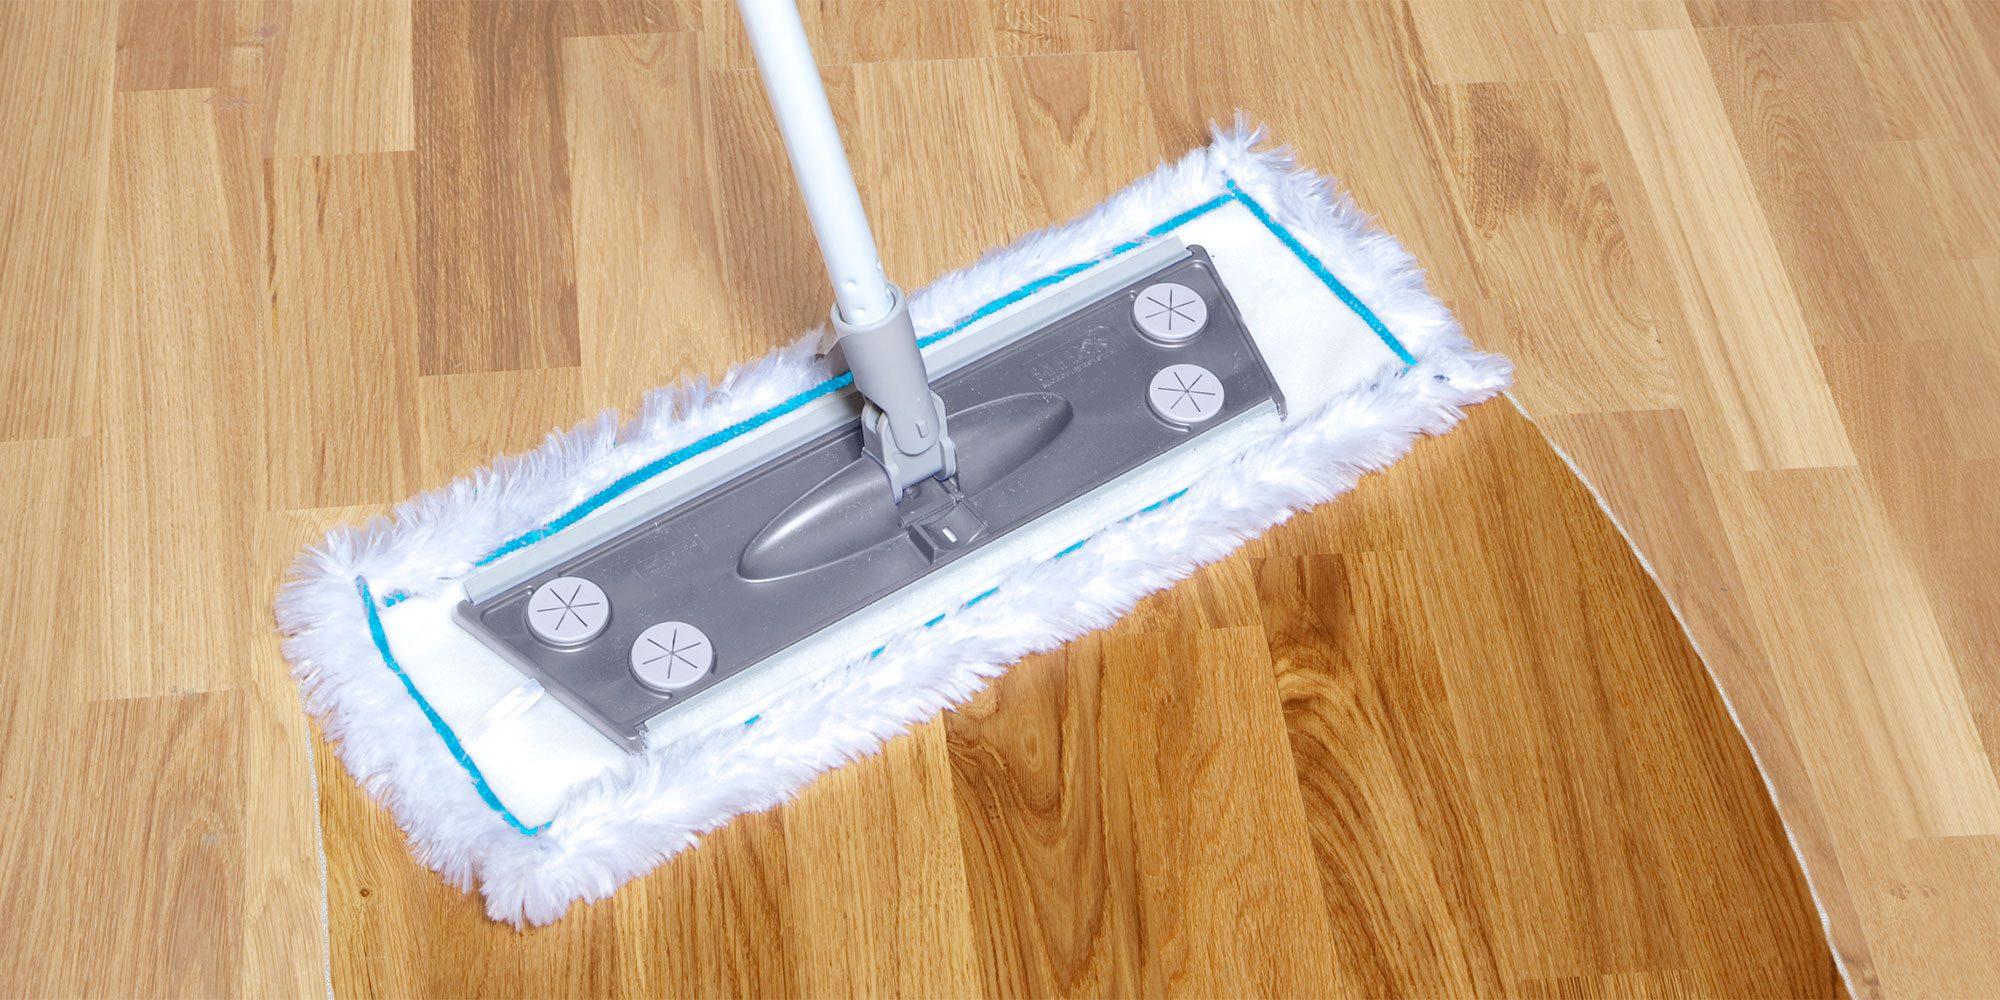 Dustmop – Smart Microfiber